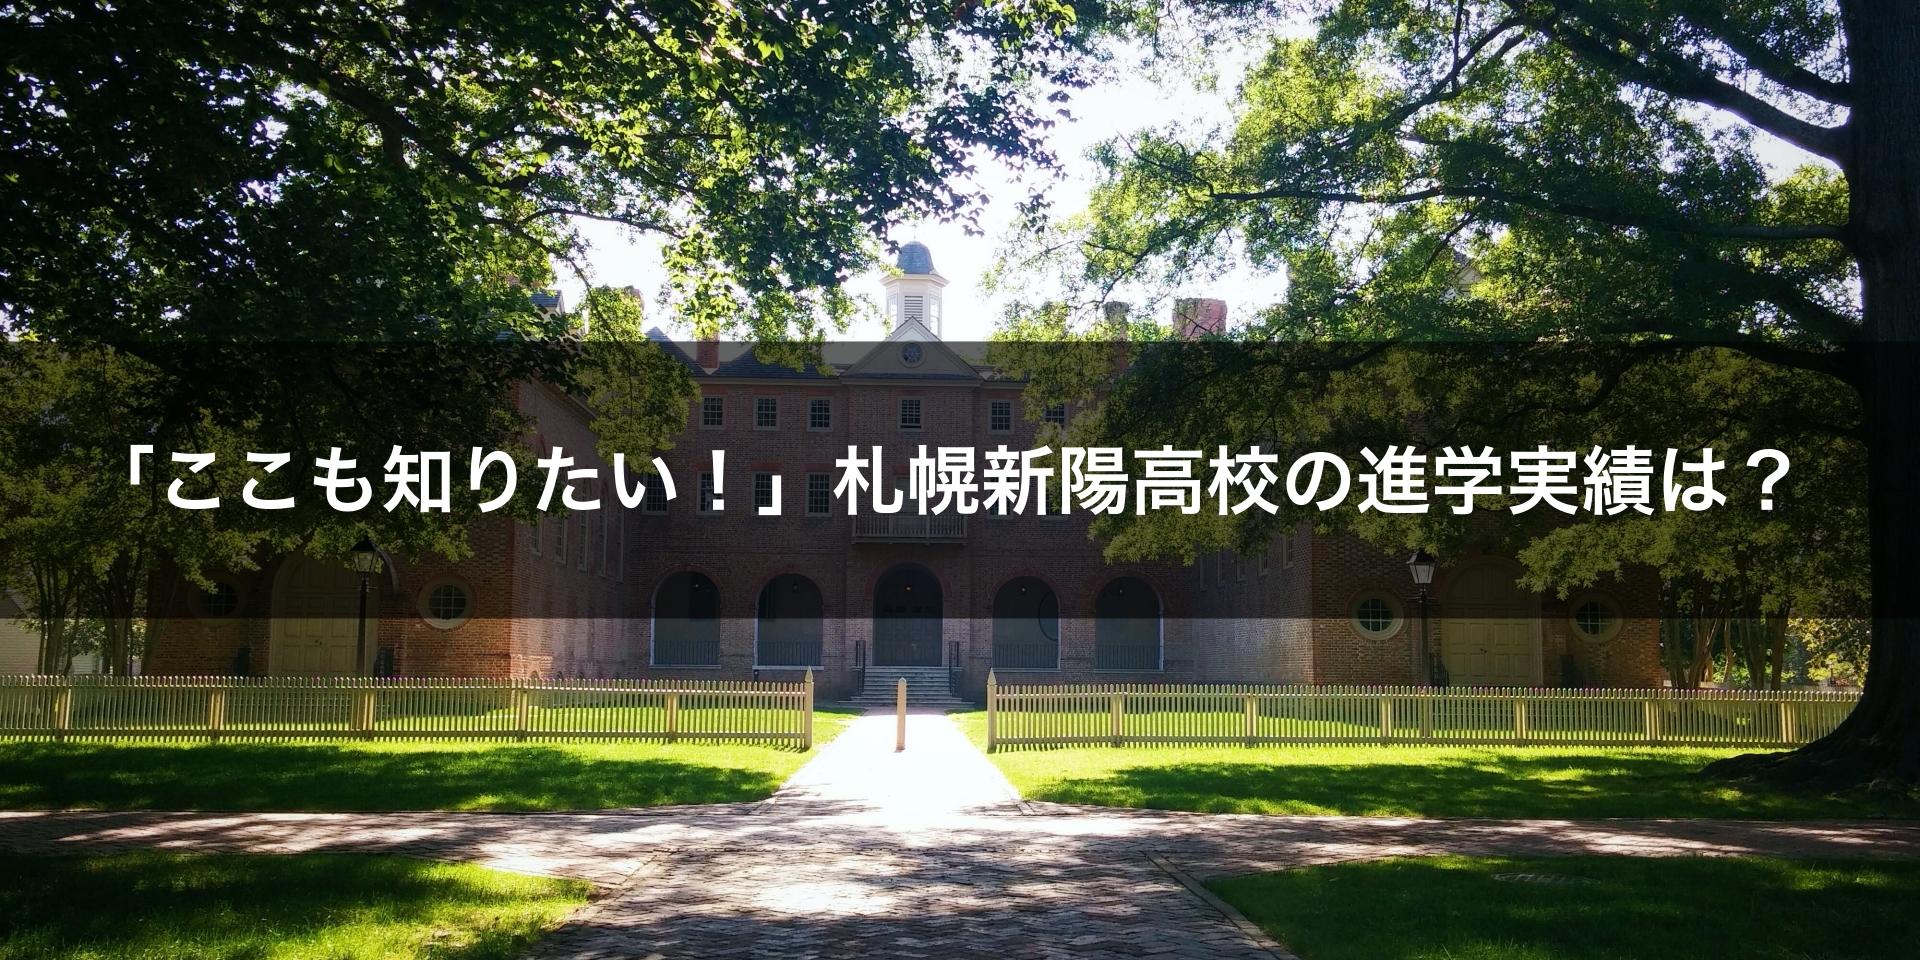 「ここも知りたい!」札幌新陽高校の進学実績は?